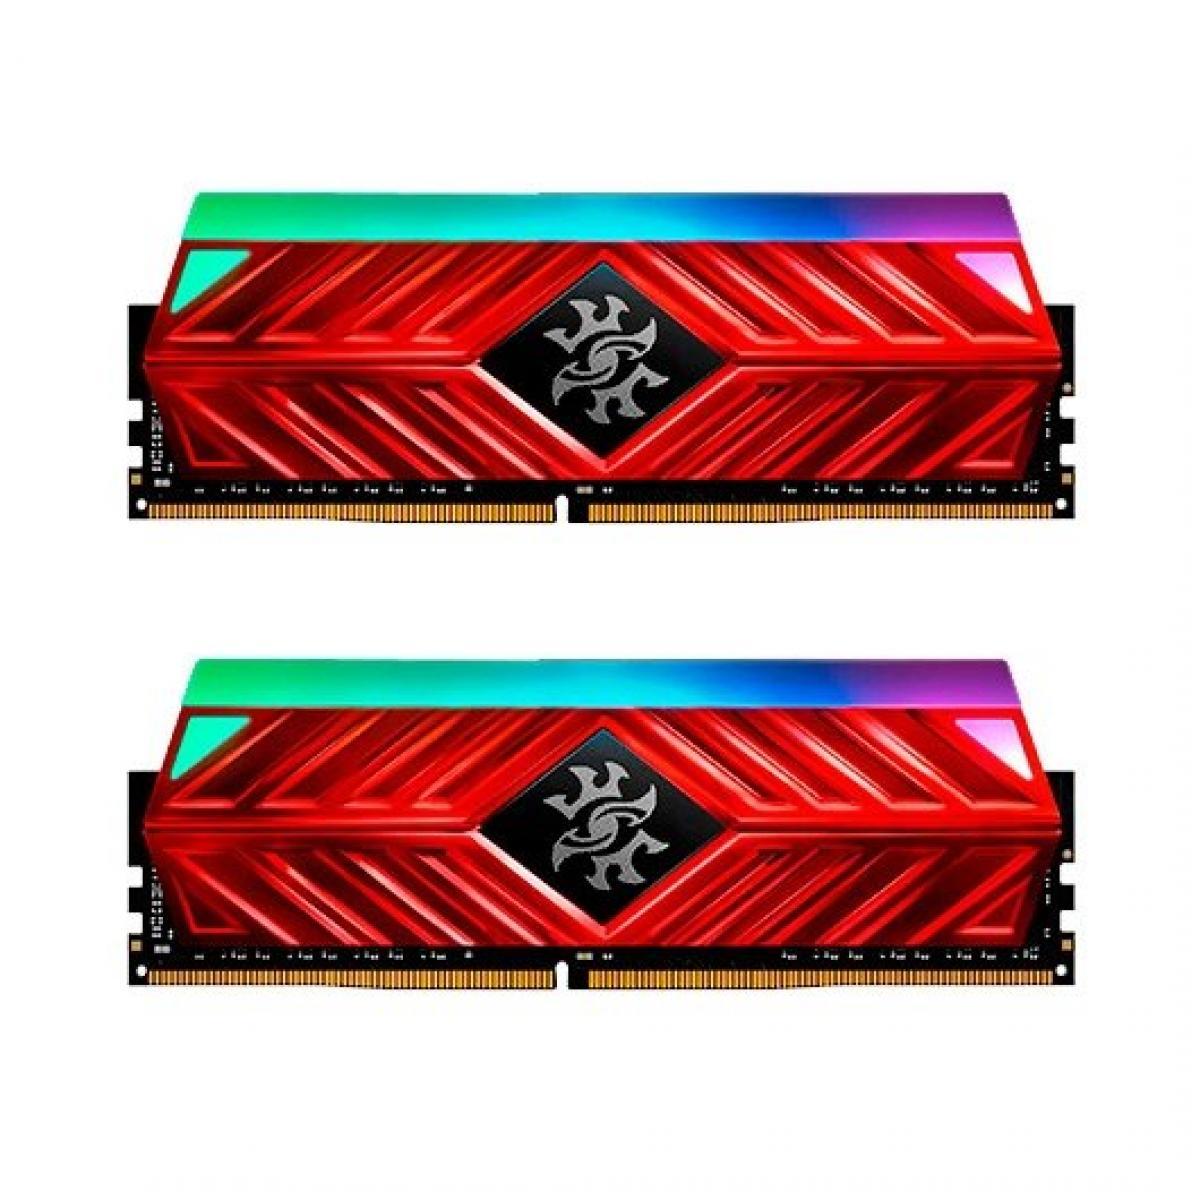 16GB DDR4-3000MHz ADATA XPG D41 RGB CL16, 2x8GB